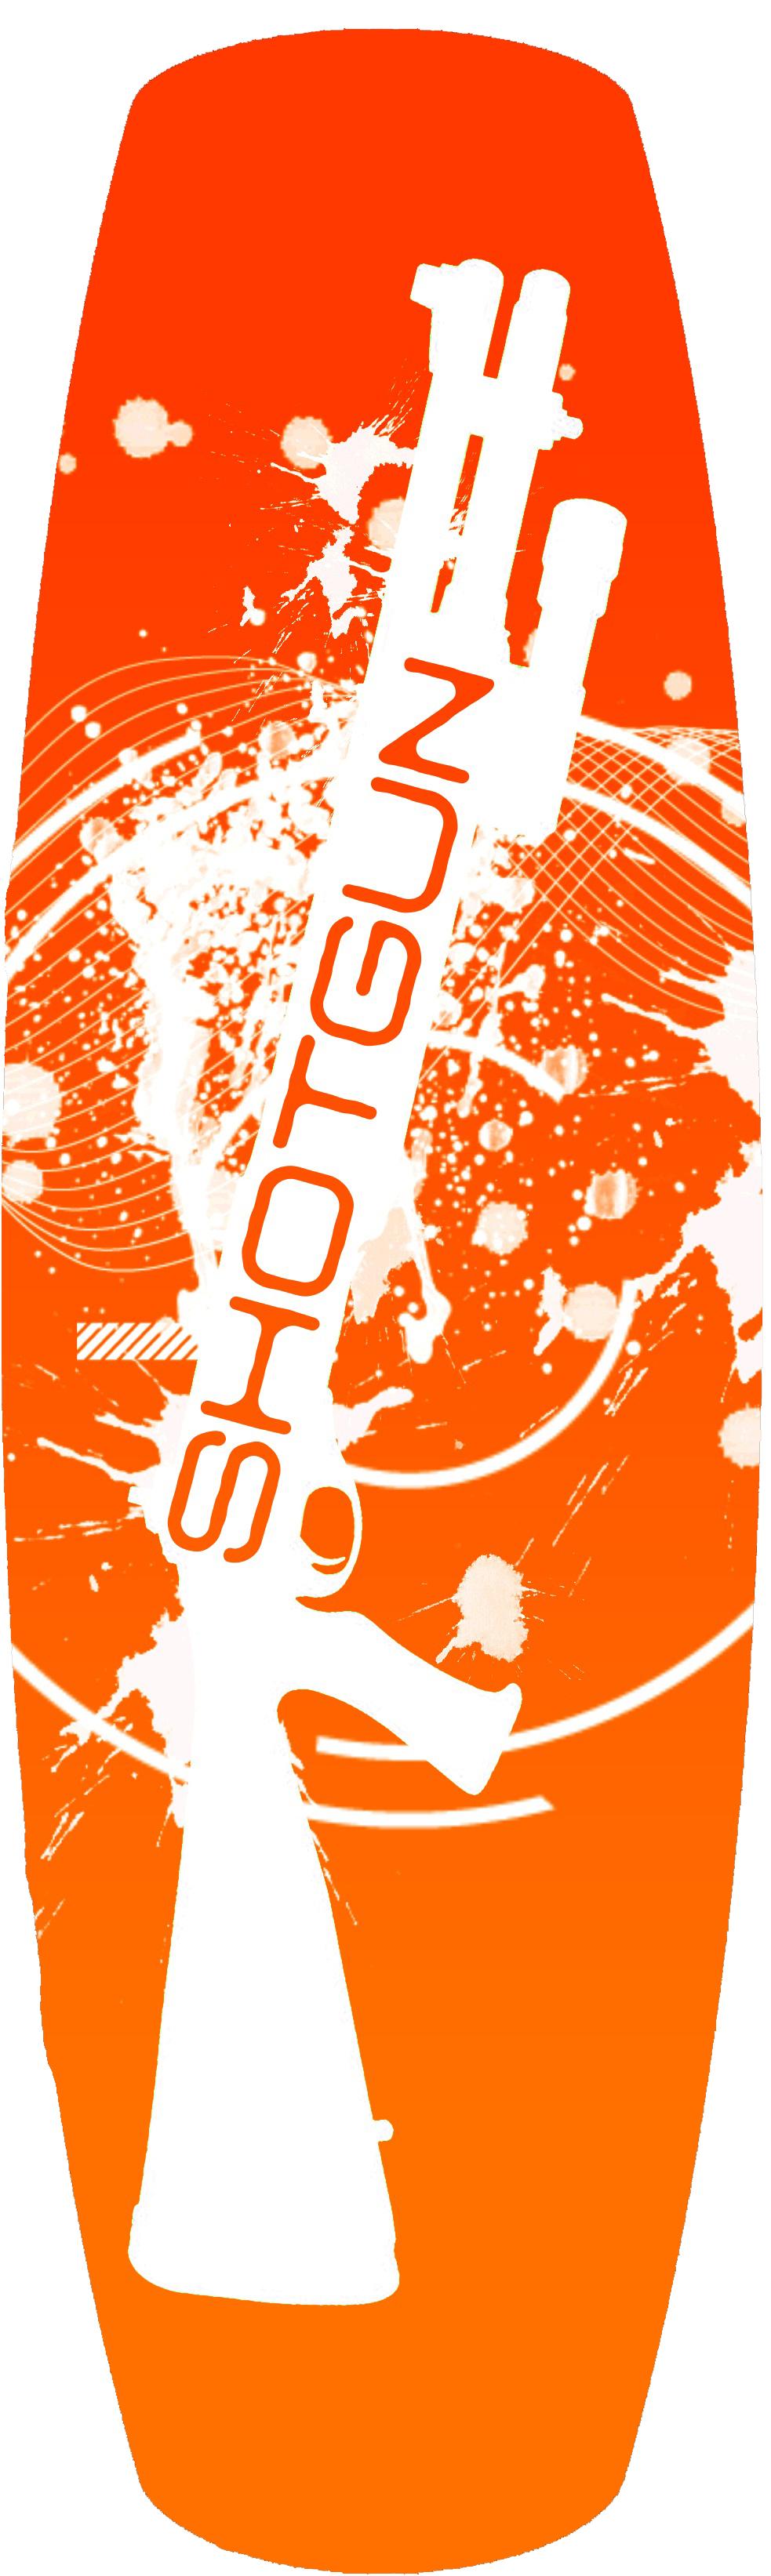 Дизайн принта досок для водных видов спорта (вейк, кайт ) фото f_036588105402ae02.jpg